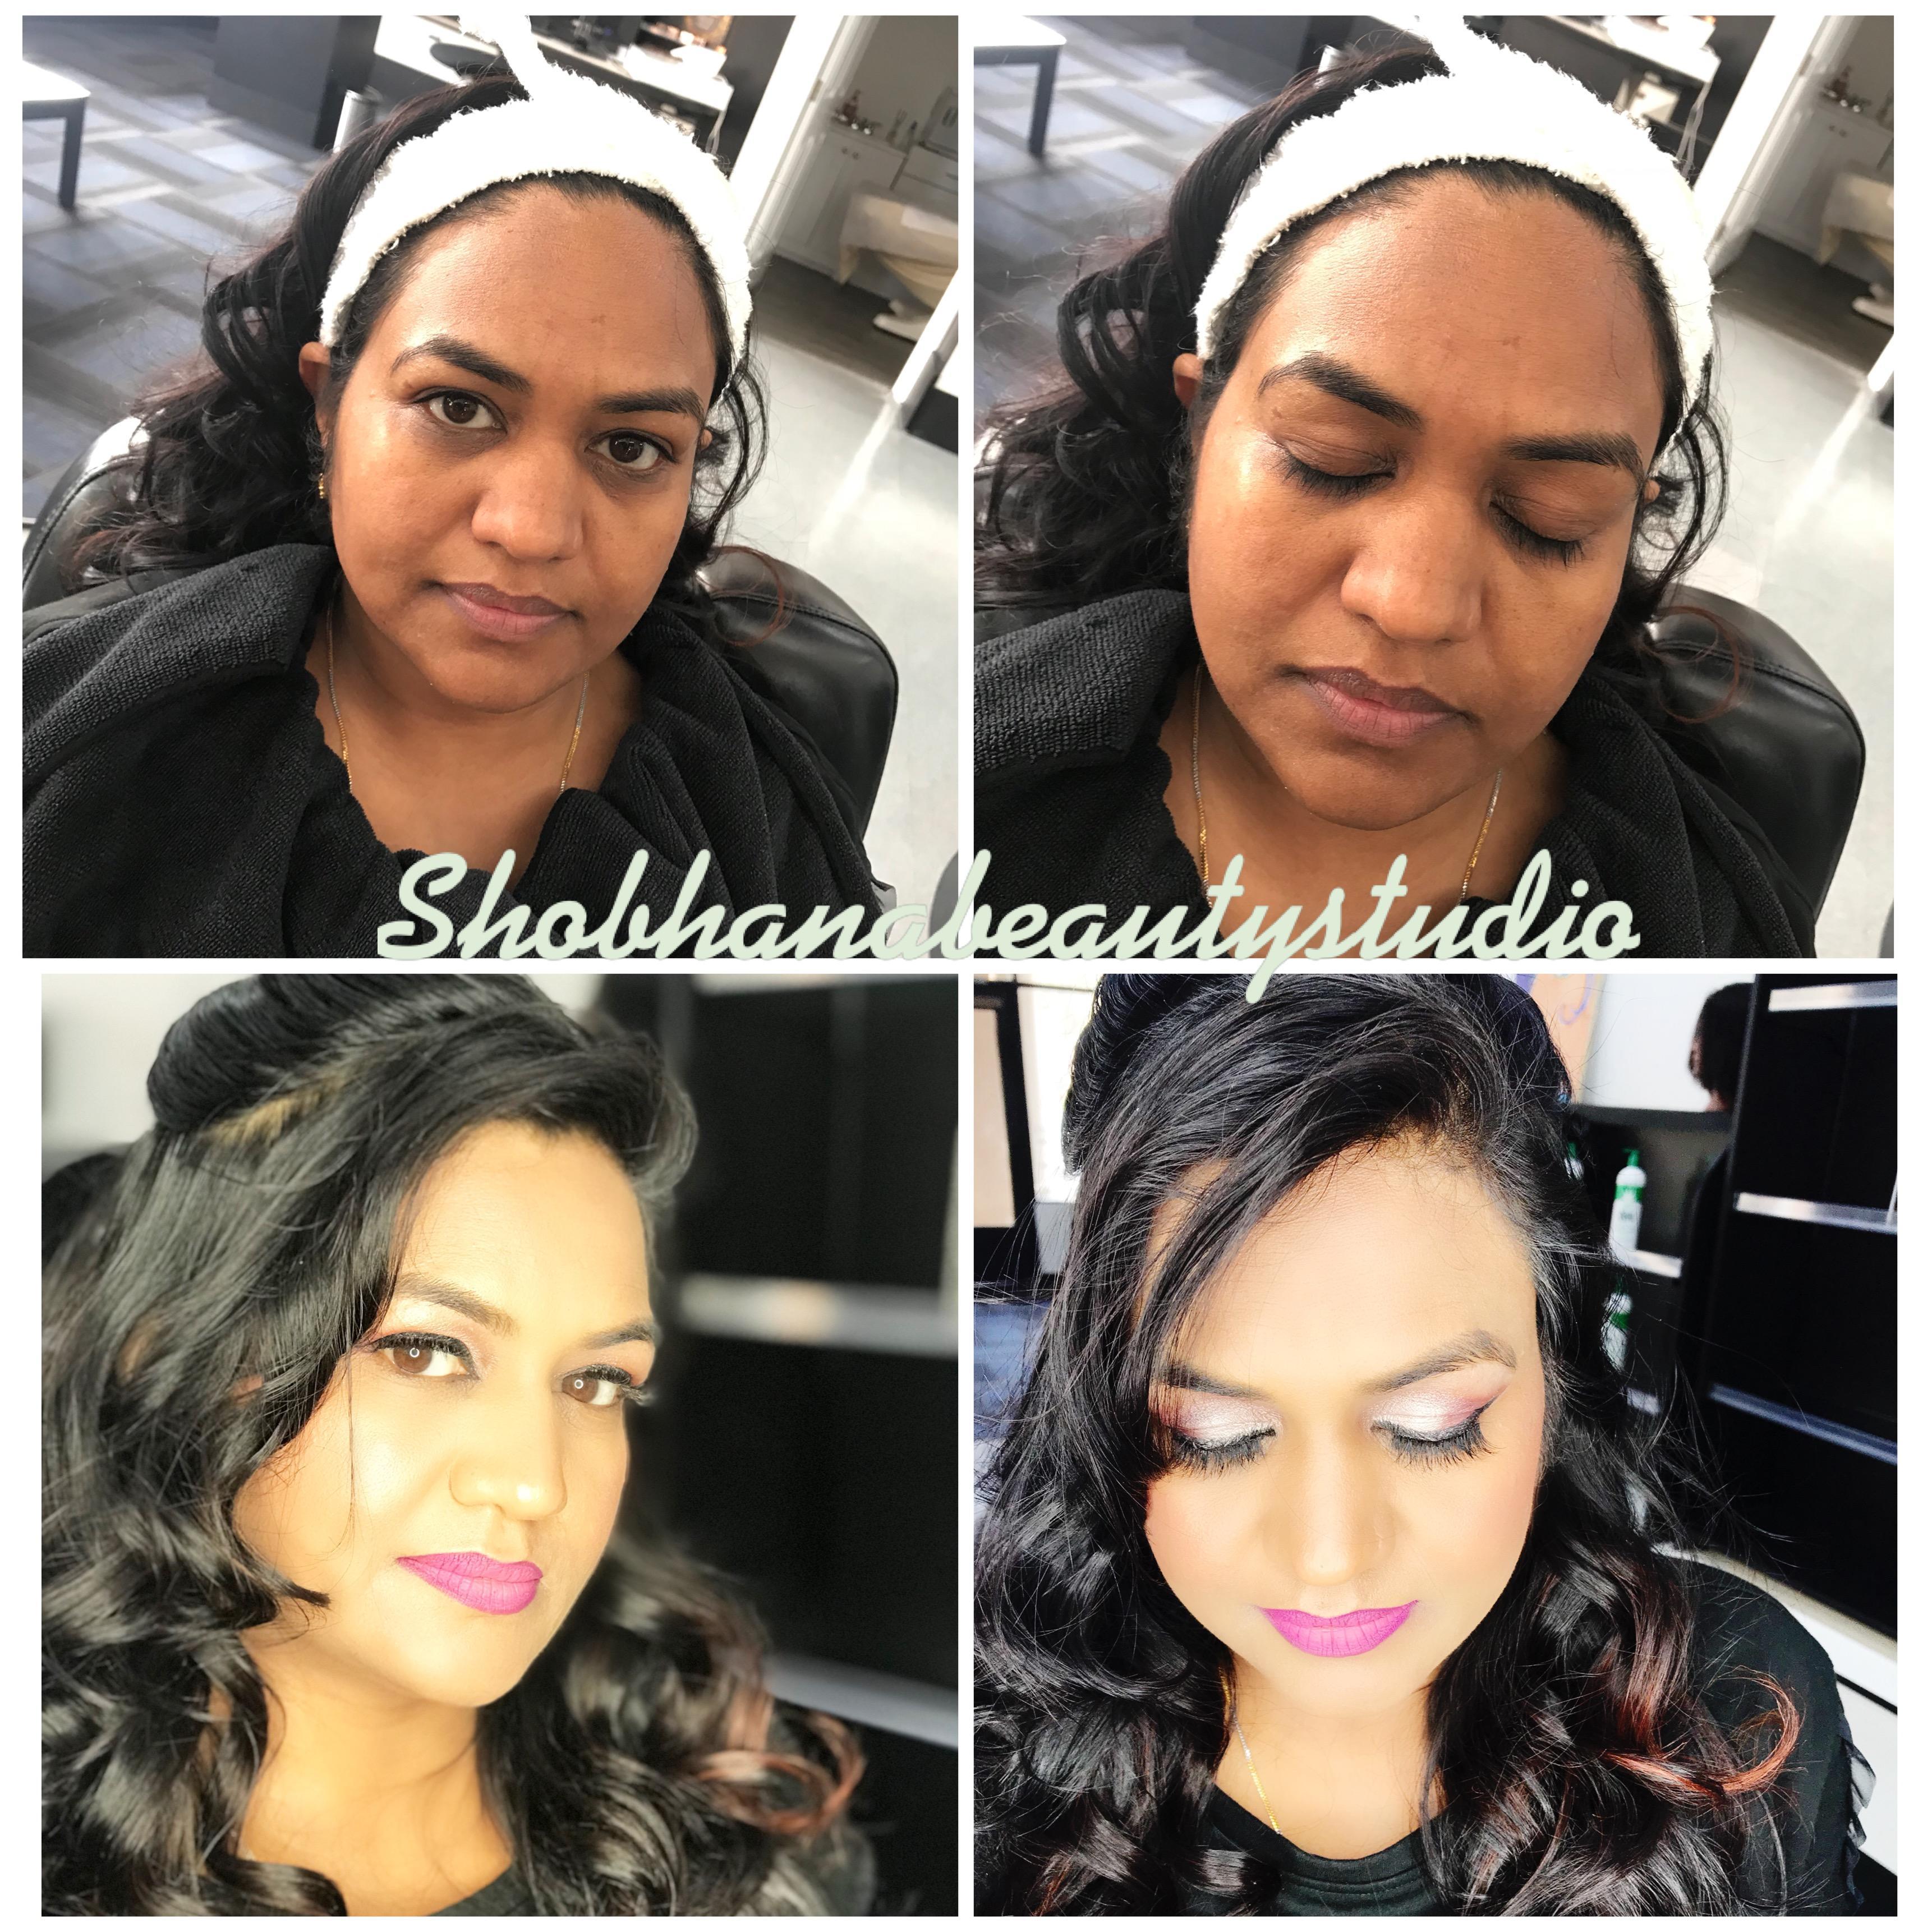 Shobhana Beauty Studio